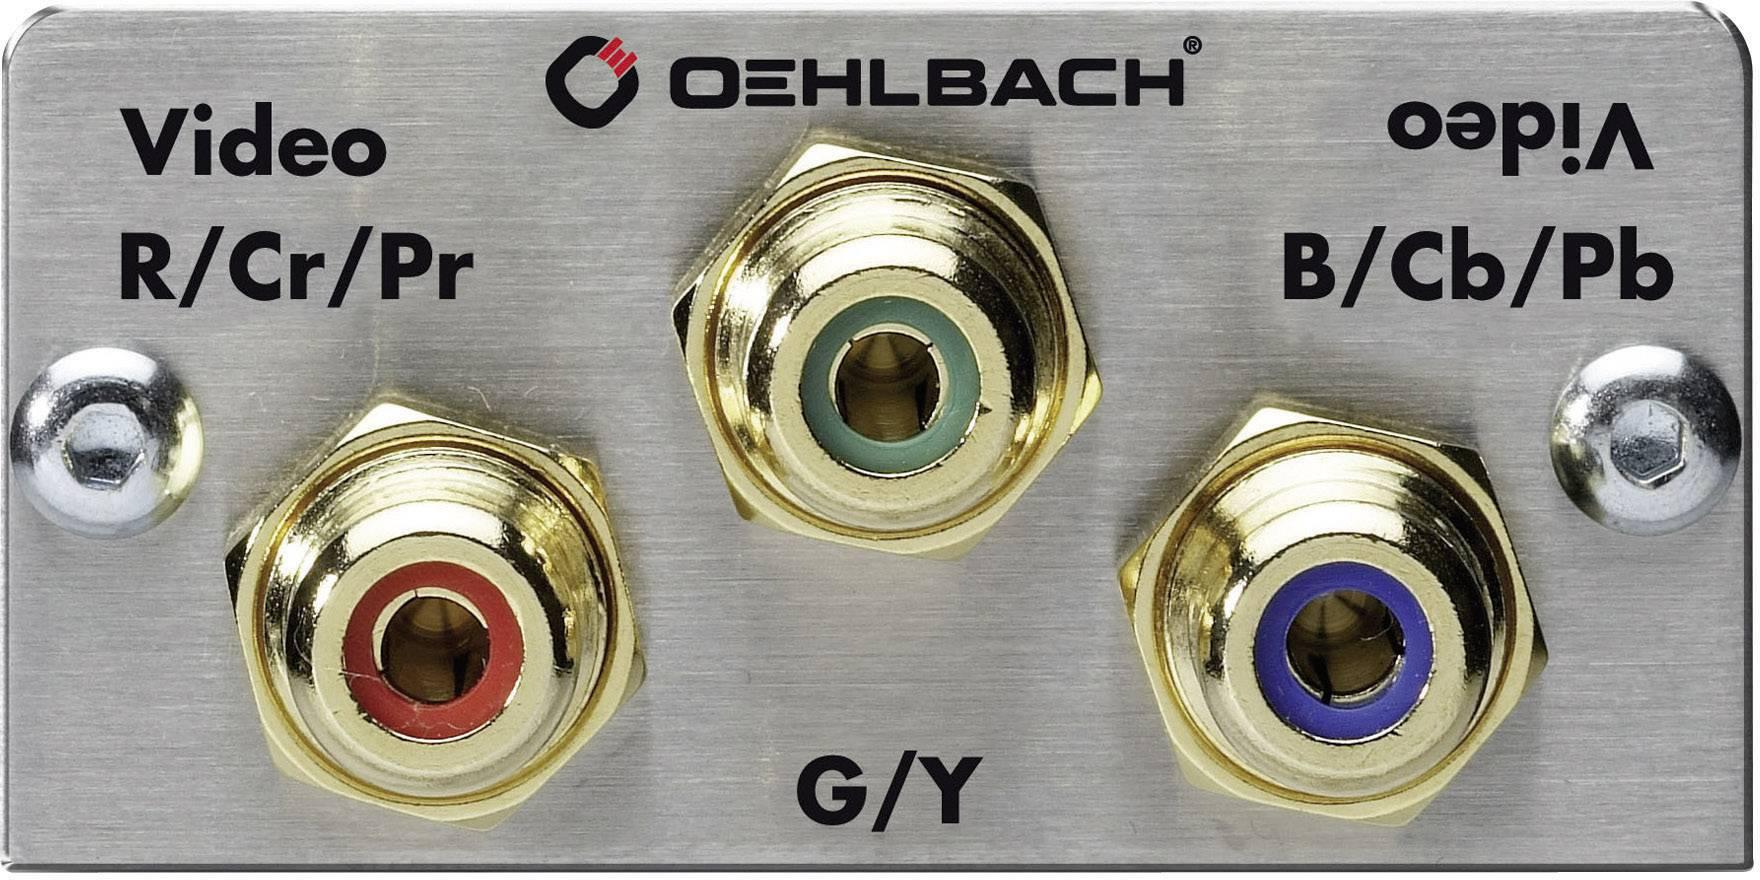 Komponenty PRO IN Oehlbach, s připojovacími kabely